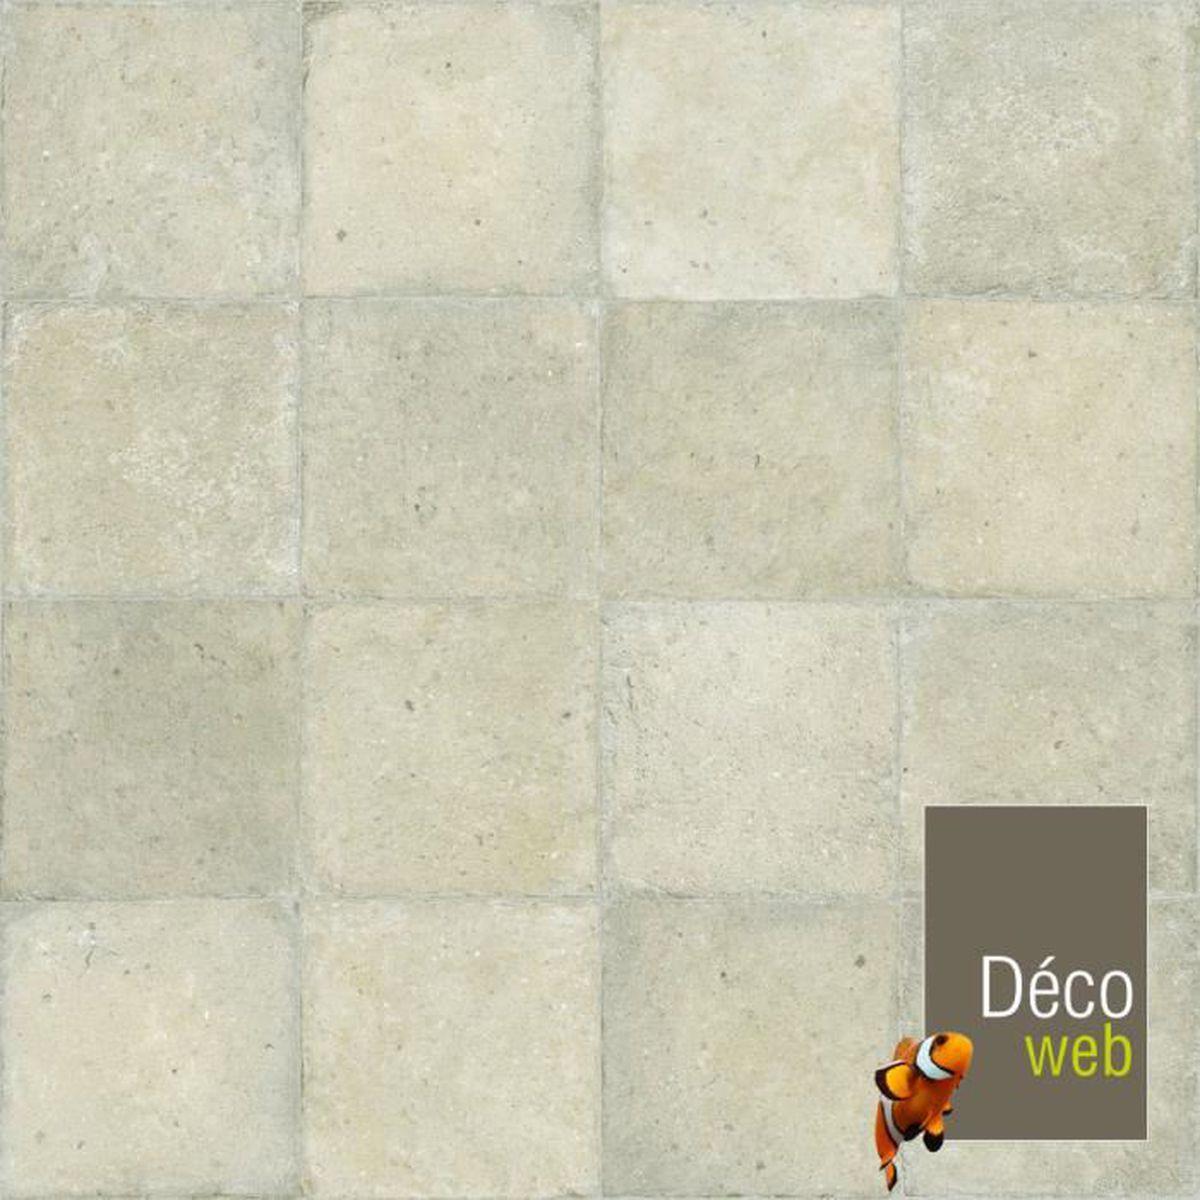 Sol Pvc Salle A Manger 3 x 3m - sol pvc best - motif carrelage ton pierre - achat